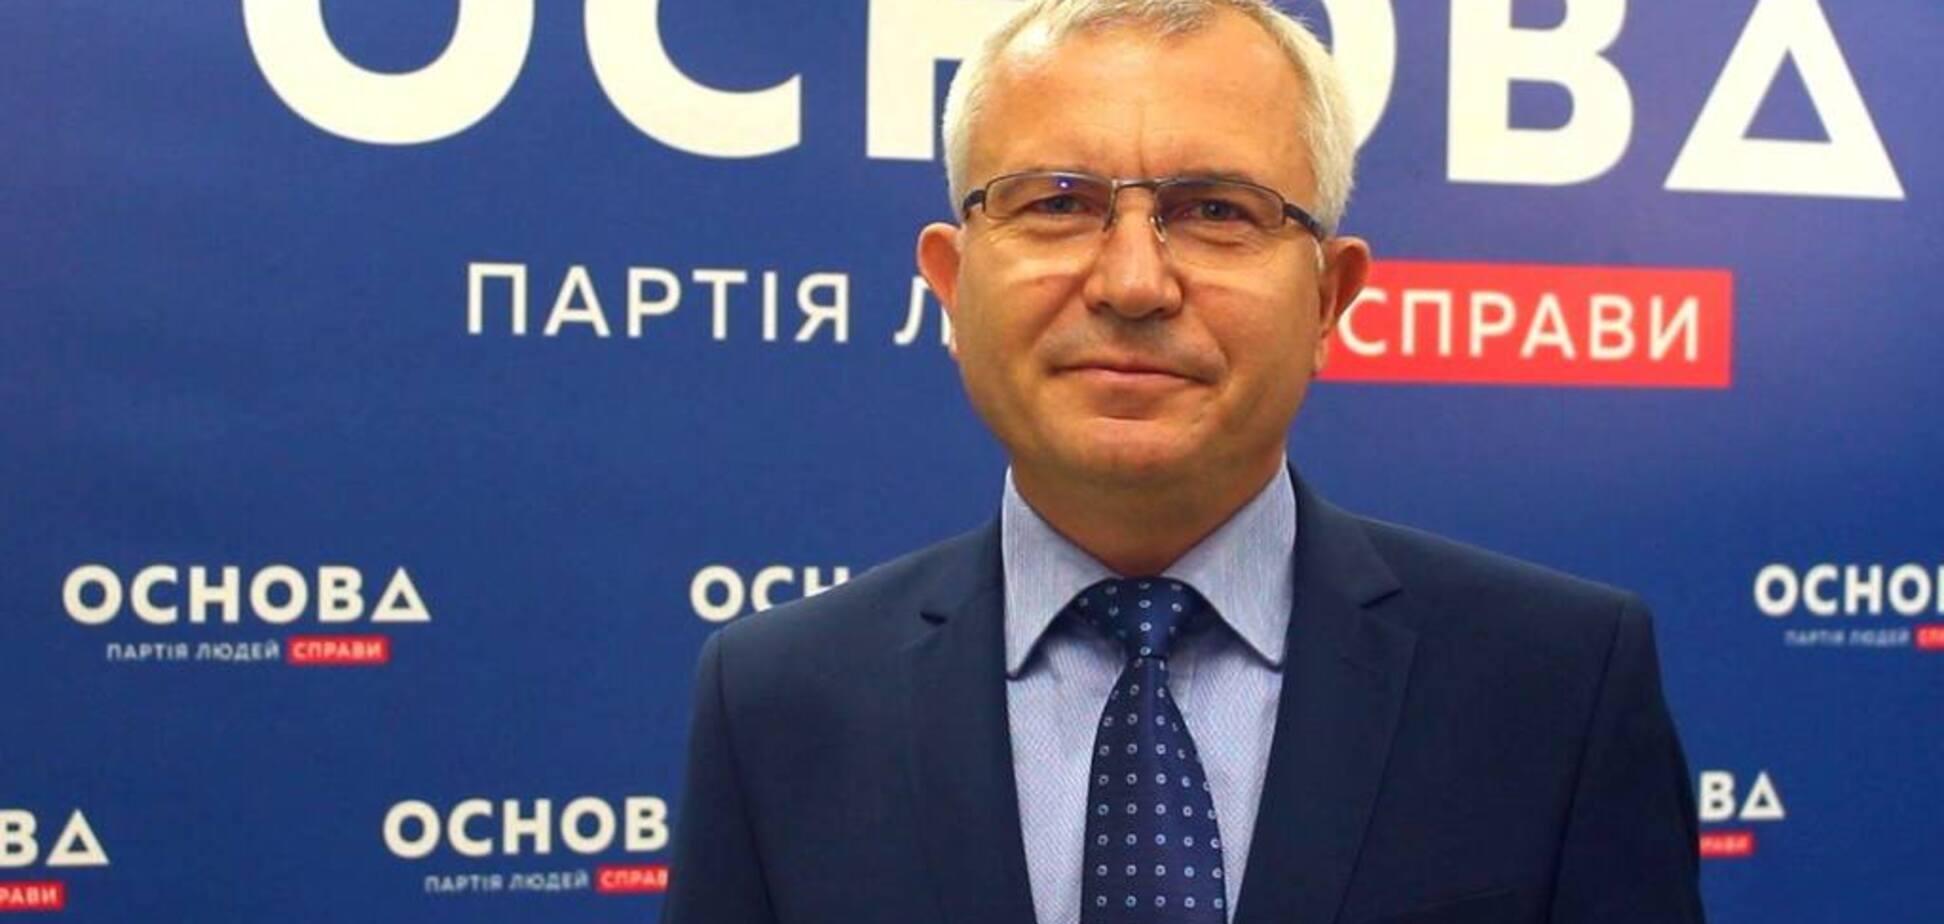 Олег Кузьменко: 'Важно сохранить представительство нашего региона в Раде'